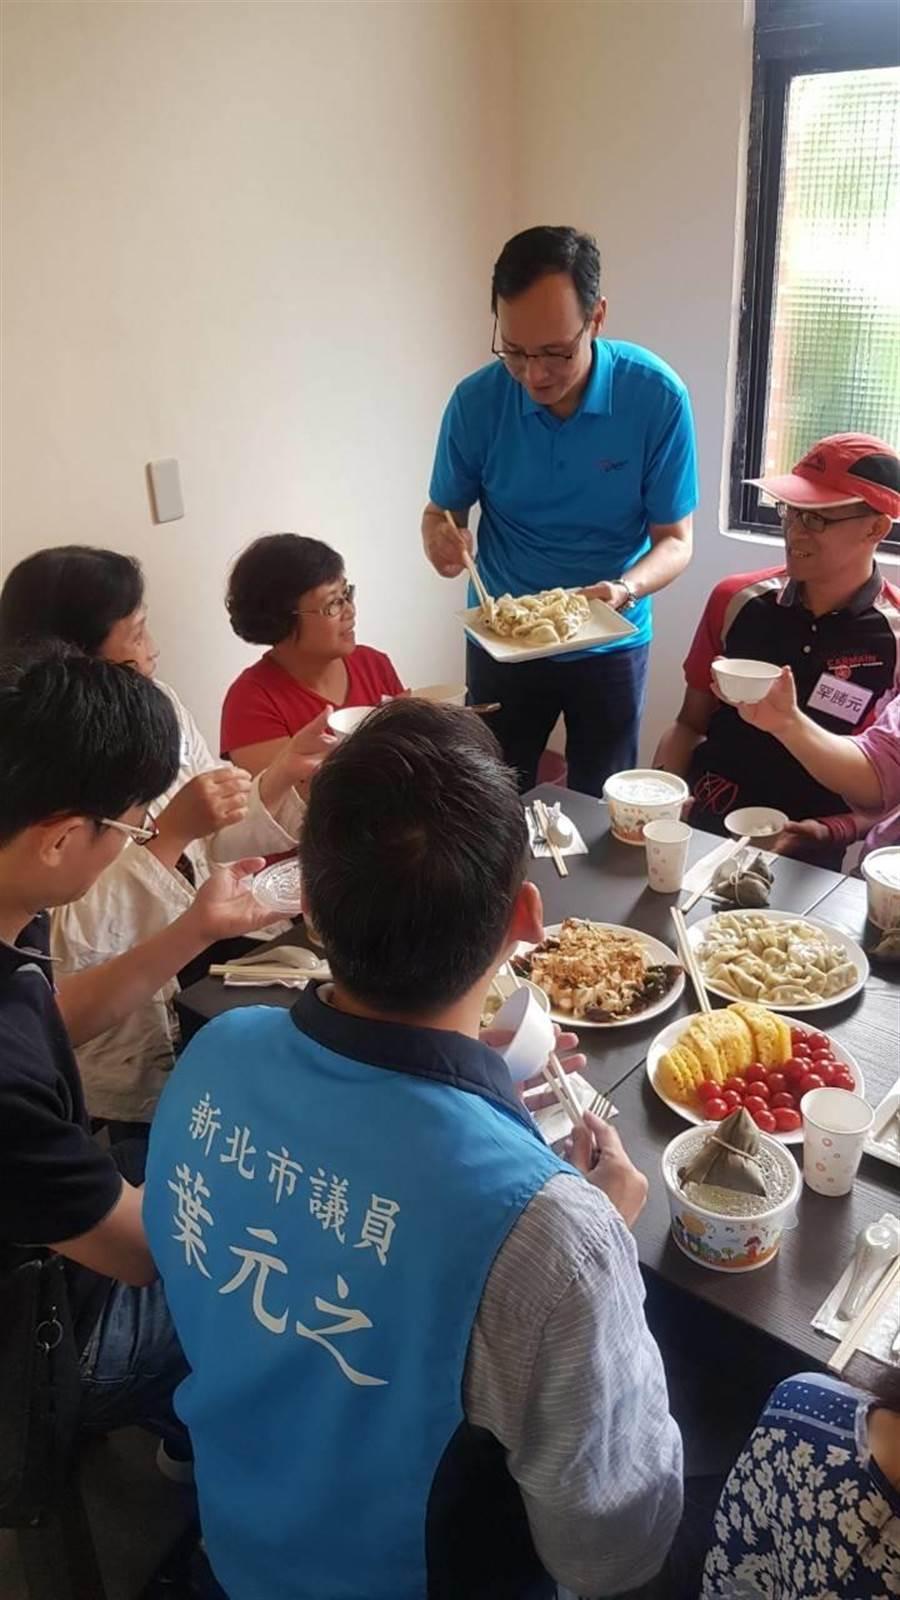 總統擬參選人朱立倫18日中午在三重空軍眷村舉辦「朱隊友」見面會,親自下廚,和網友們面對面用餐話家常。(吳亮賢翻攝)